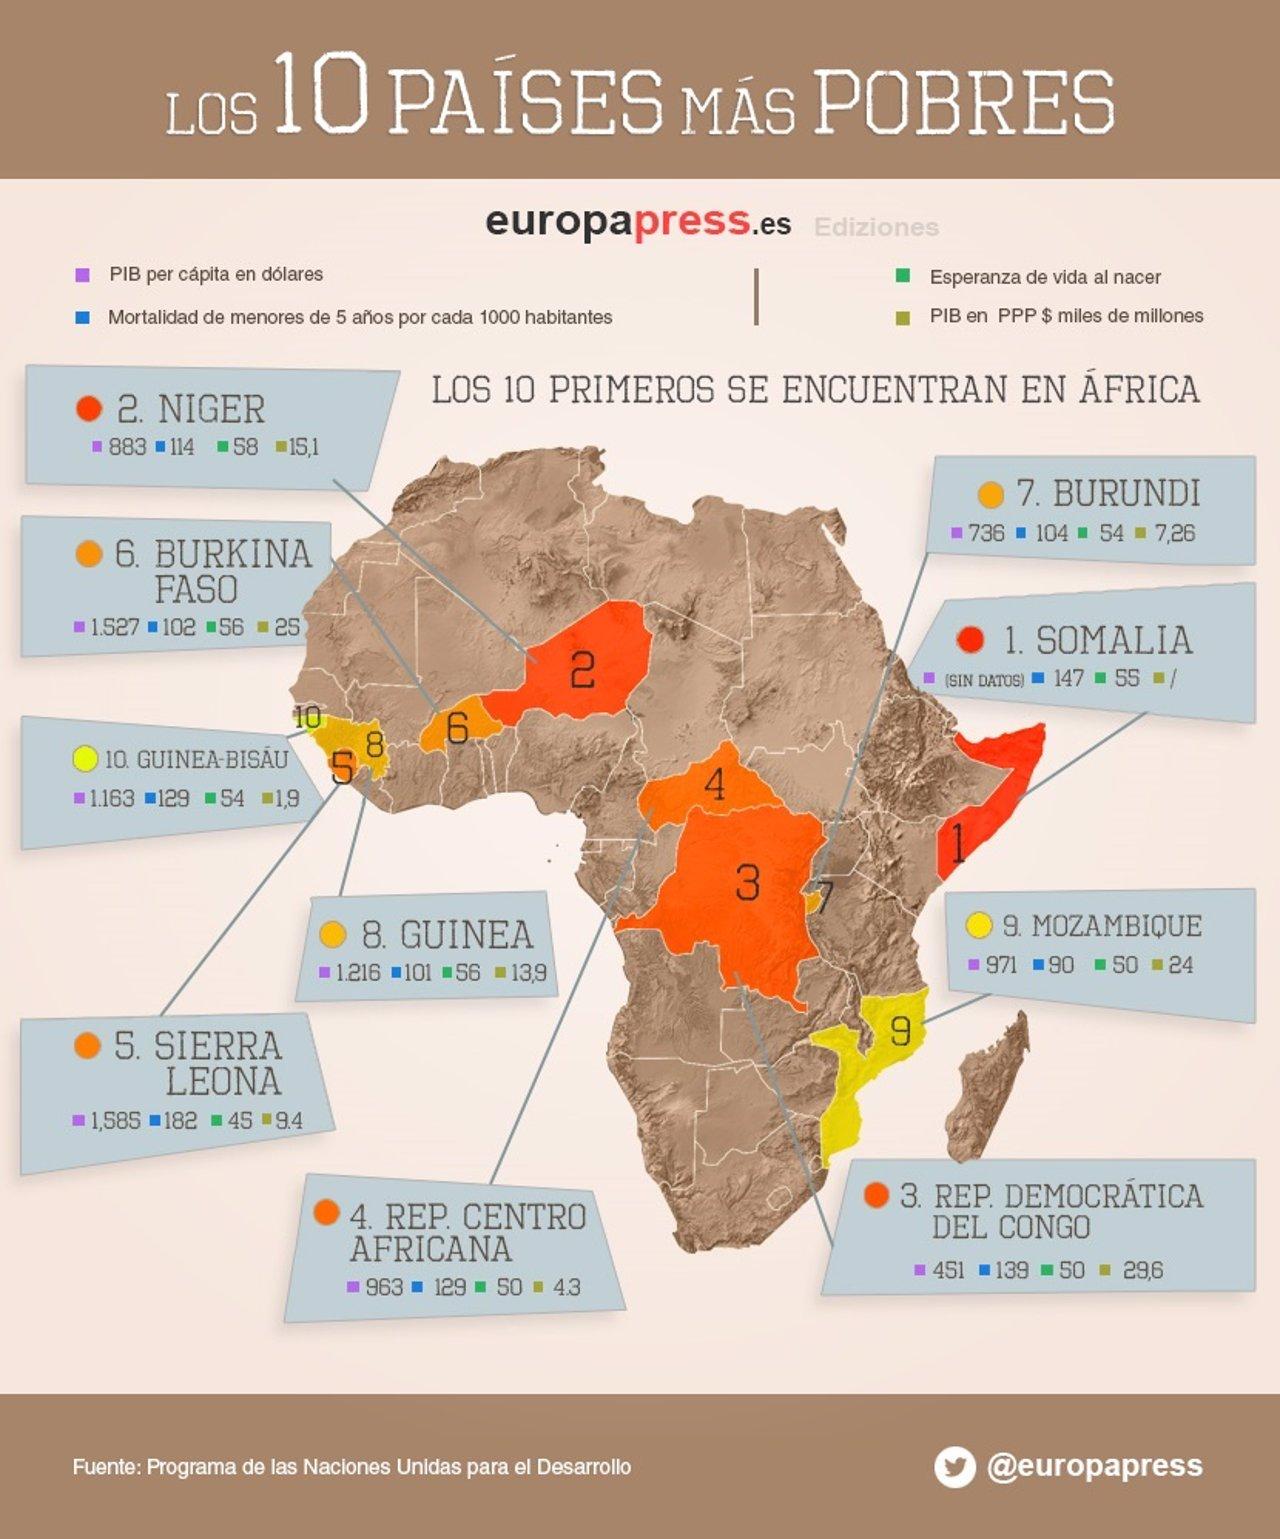 Los 10 países más pobres del planeta